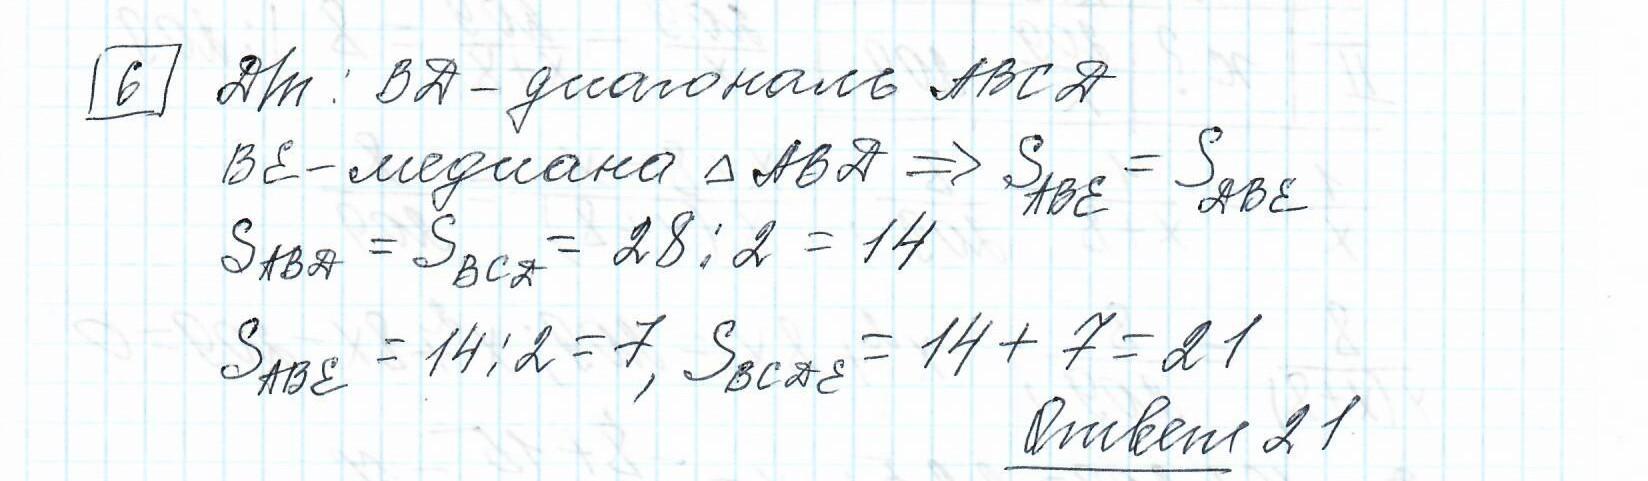 Задние 6, Вариант 7, решение и ответ - Ященко ЕГЭ 2019 математика профиль 36 вариантов